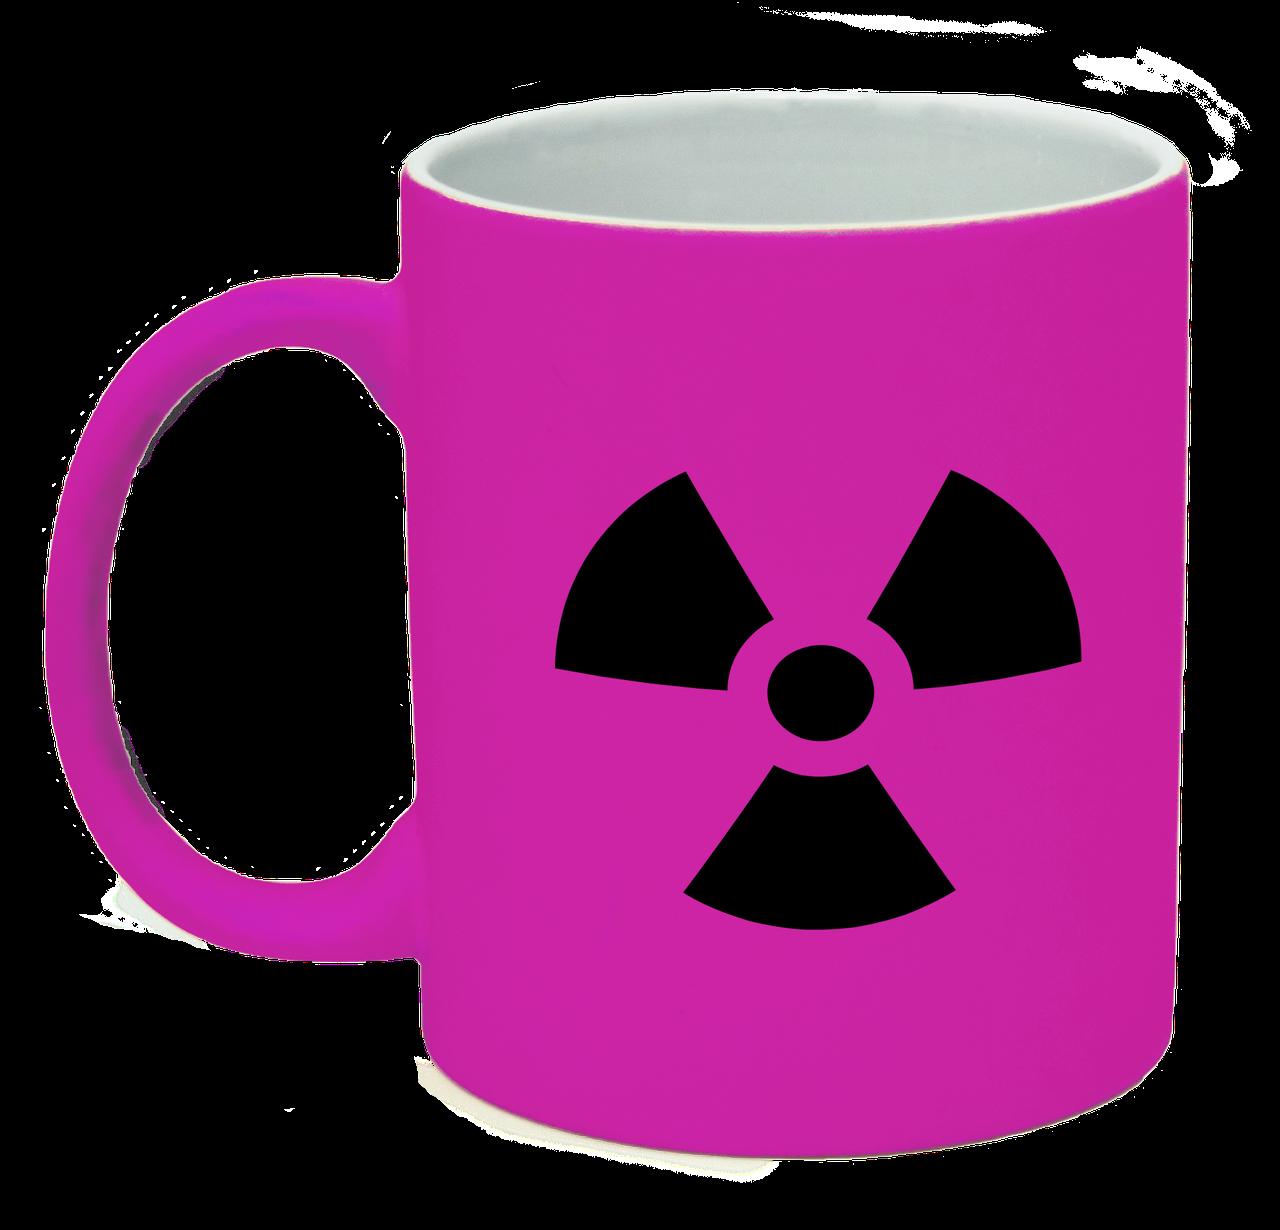 Неоновая матовая чашка Ядерная опасность, ярко-розовая